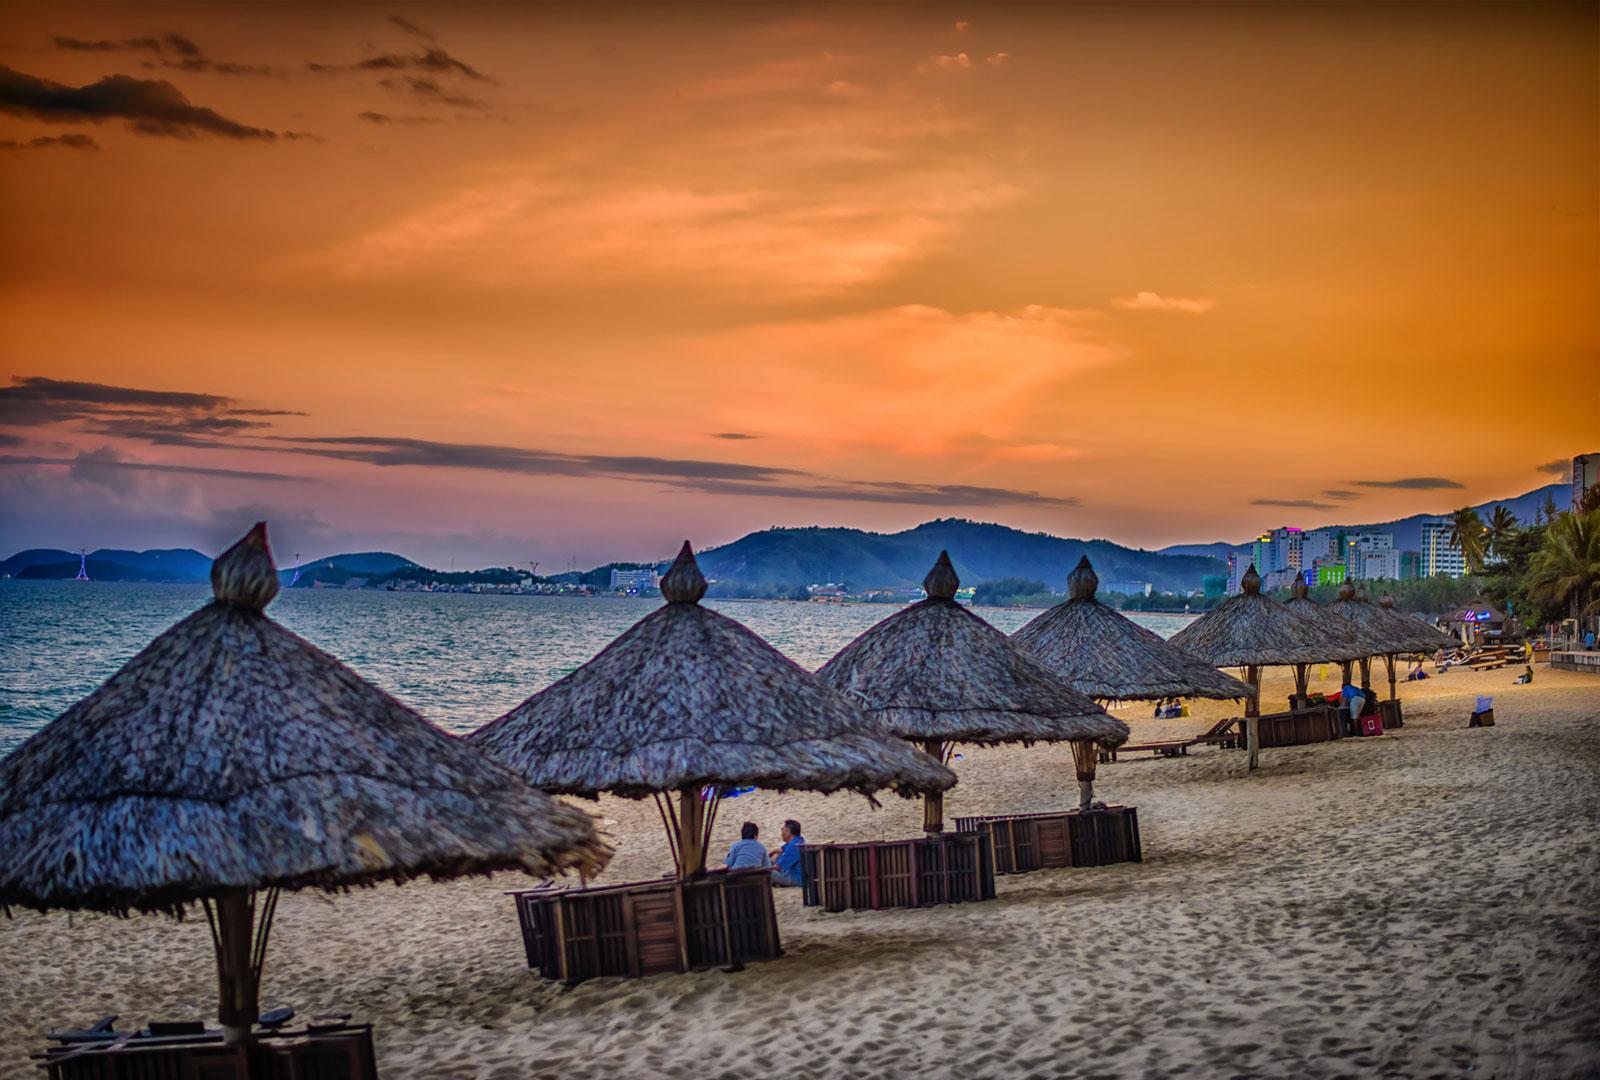 Tour Đảo Dừa Nha Trang - Địa Điểm Nghỉ Dưỡng Lý Tưởng Nhất Việt Nam